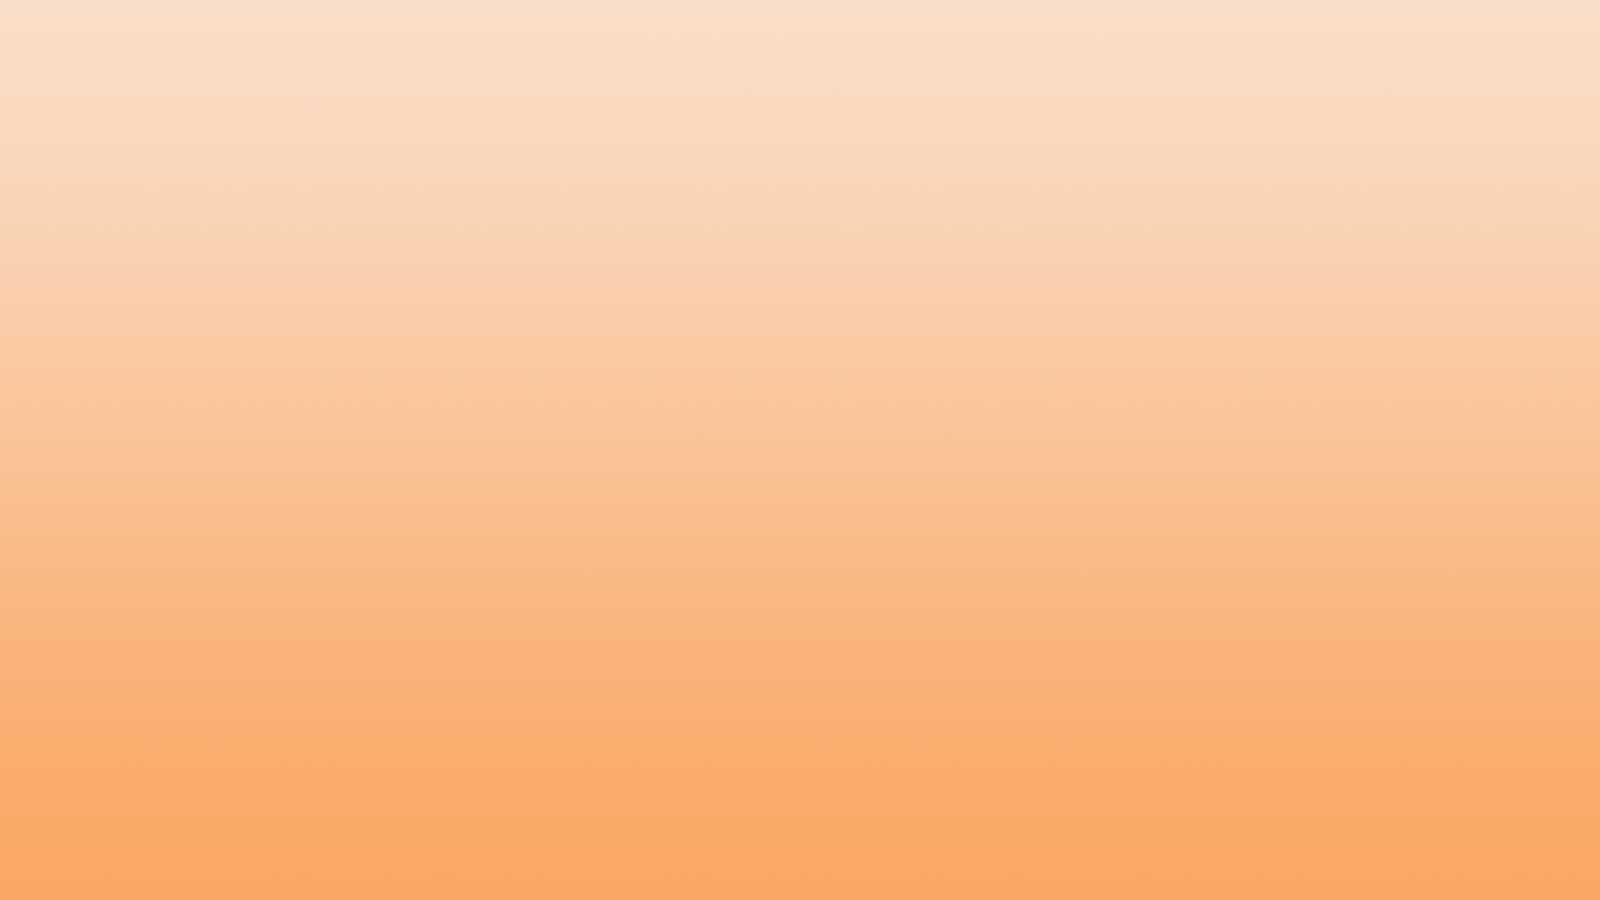 orange-gradient